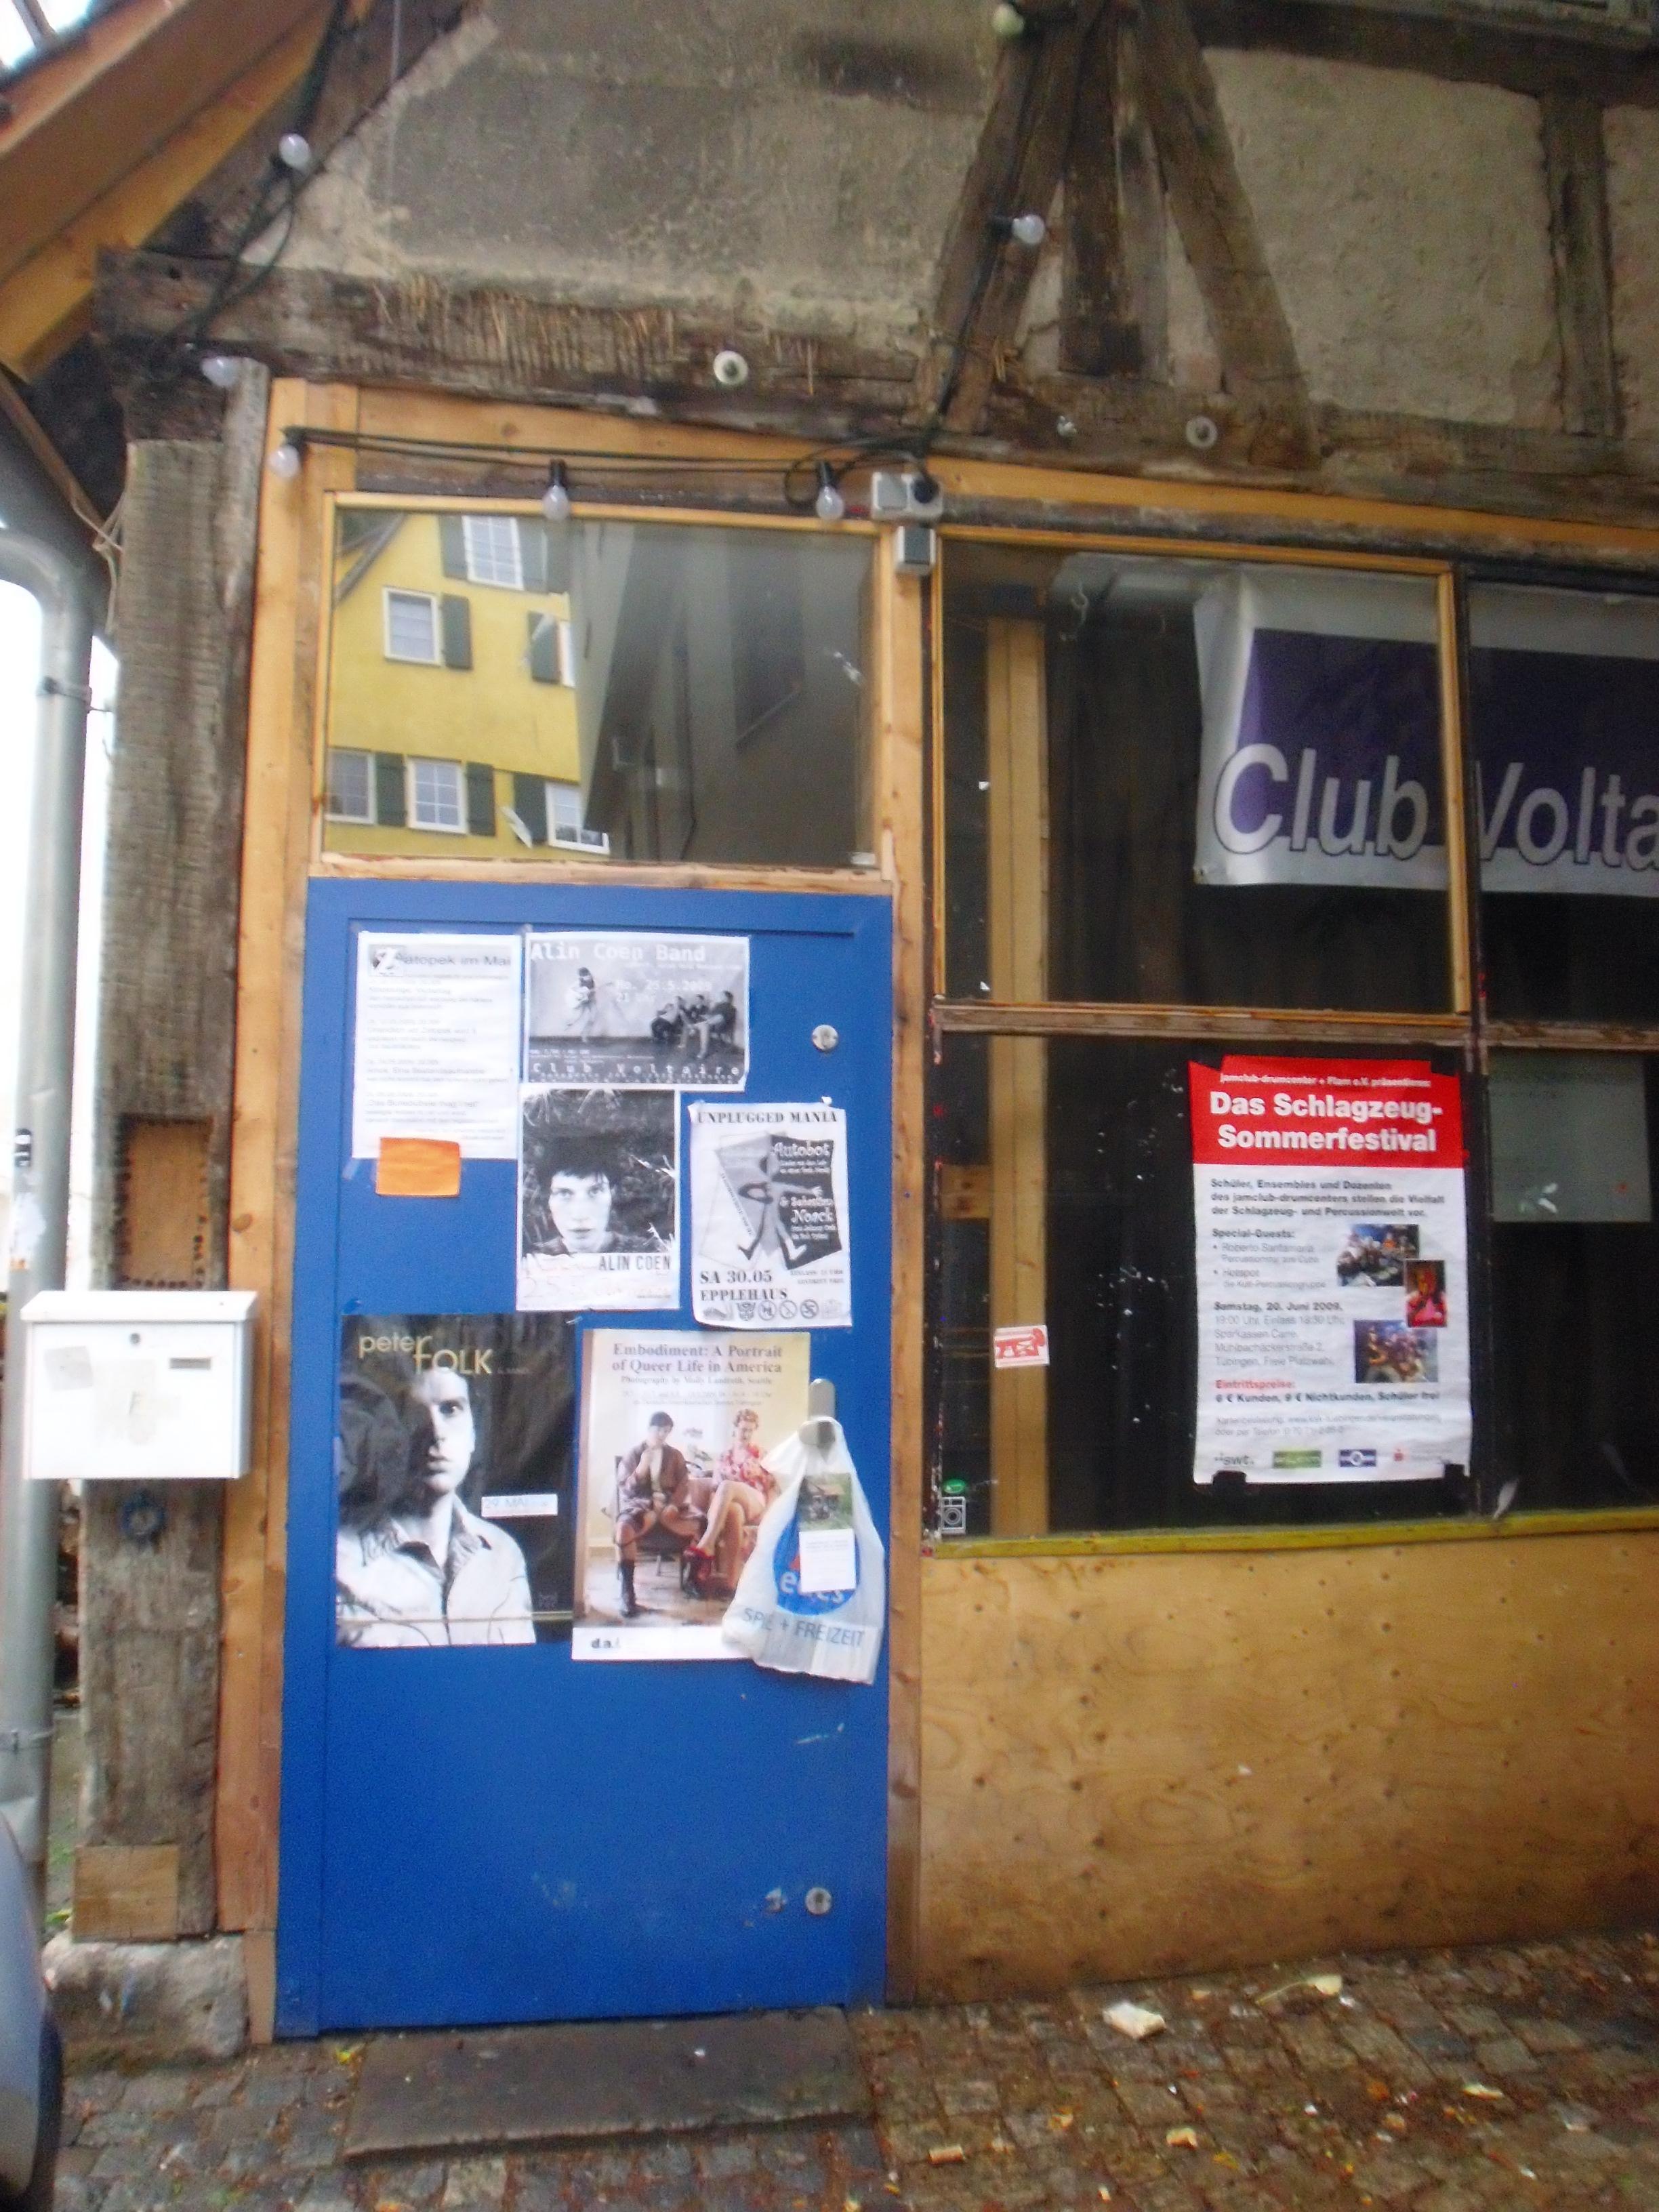 Zatopek im Club Voltaire (Tübingen)